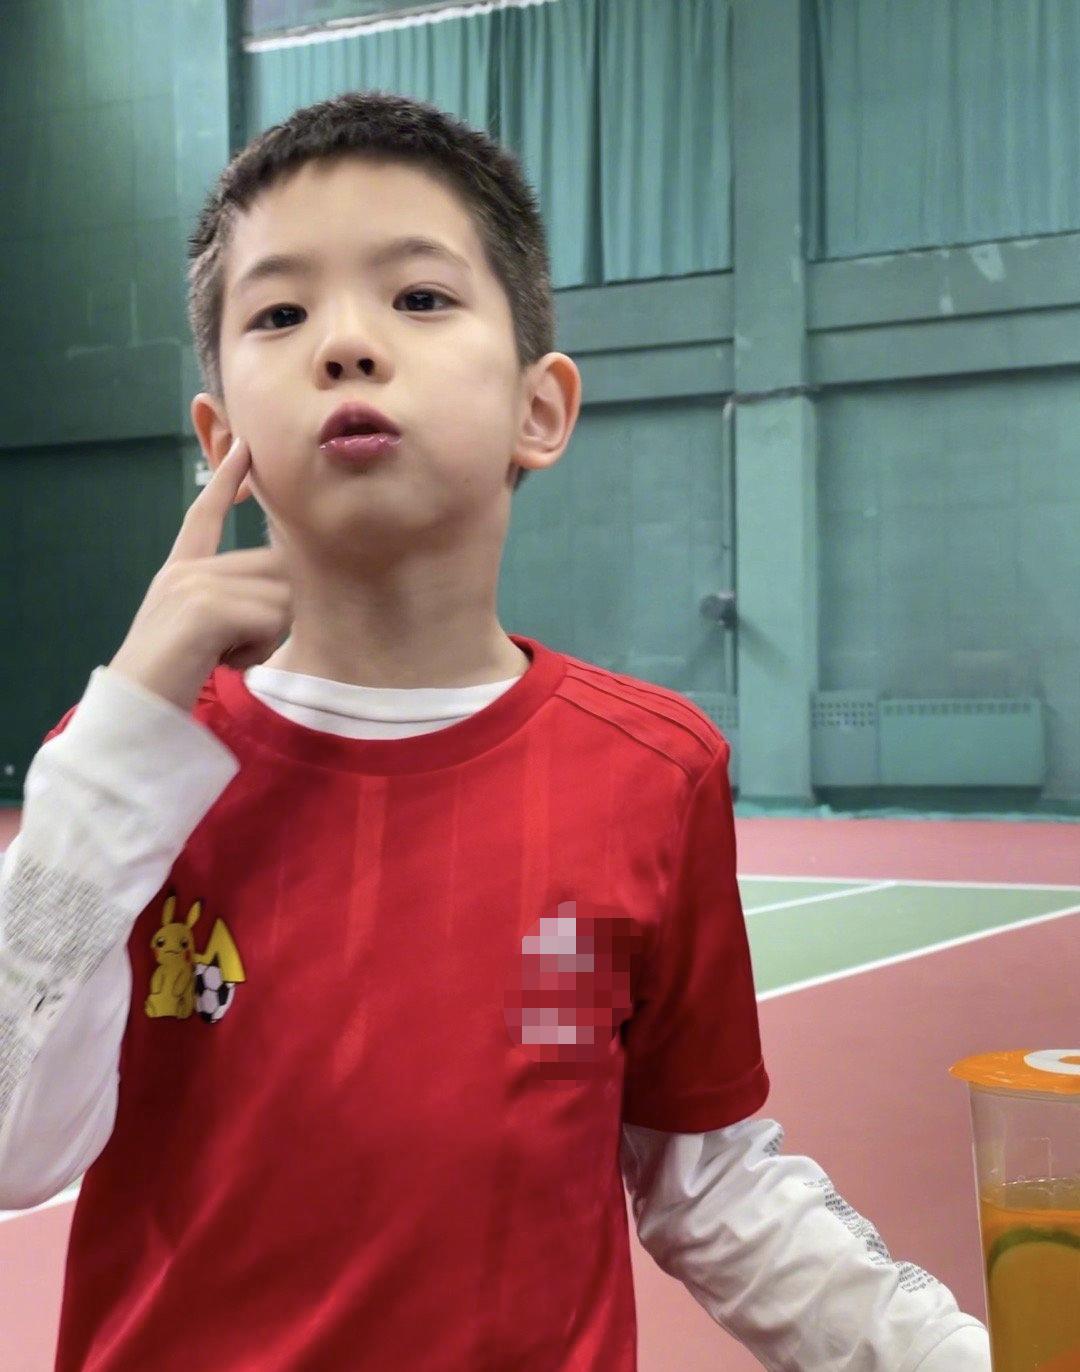 霍思燕曬7歲兒子近況,嗯哼挑戰高難水上項目,臉蛋英俊瘦成竹竿